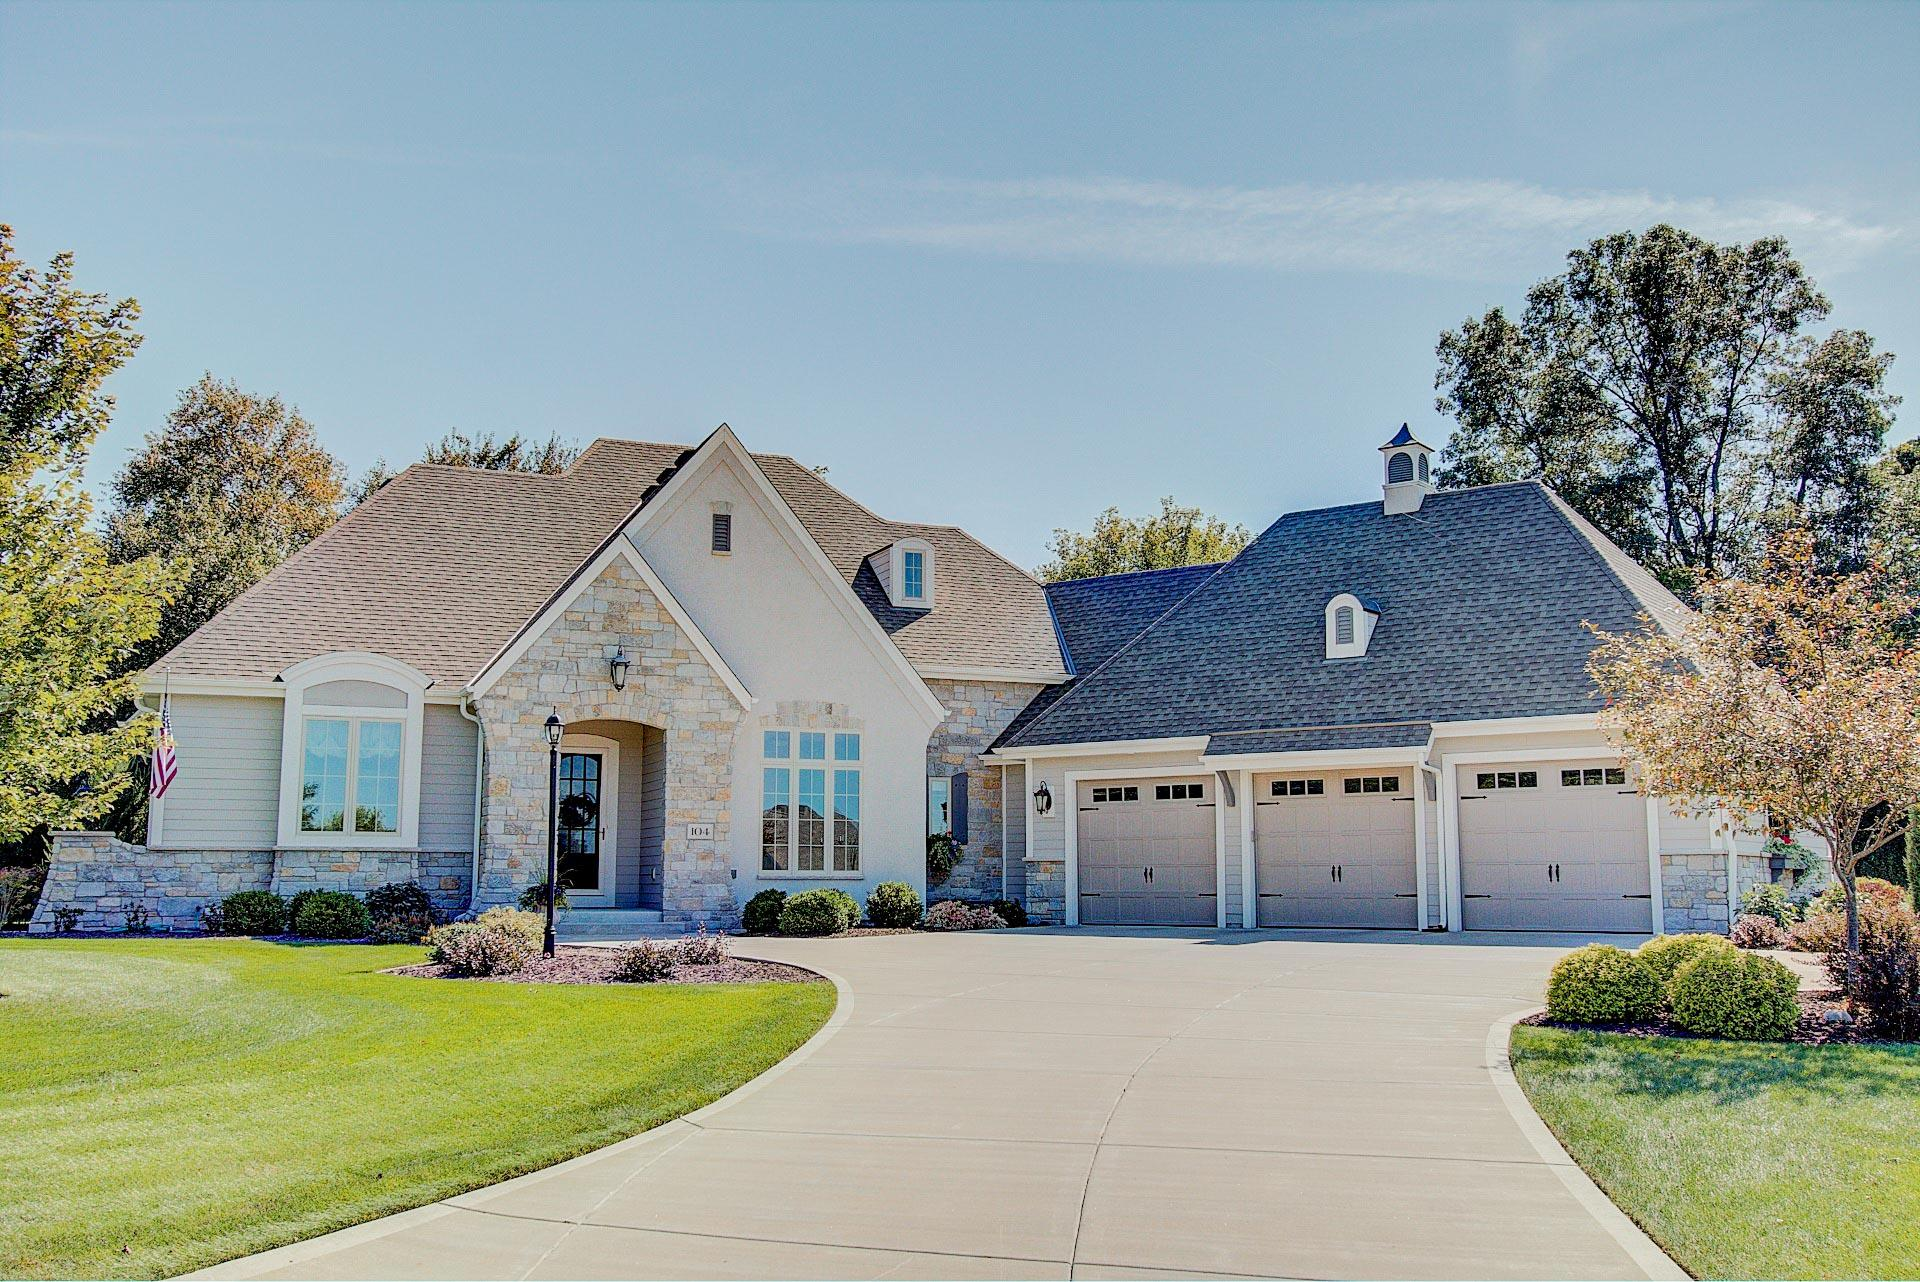 104 Kestrel Way, Hartland, Wisconsin 53029, 4 Bedrooms Bedrooms, 12 Rooms Rooms,3 BathroomsBathrooms,Single-Family,For Sale,Kestrel Way,1606417